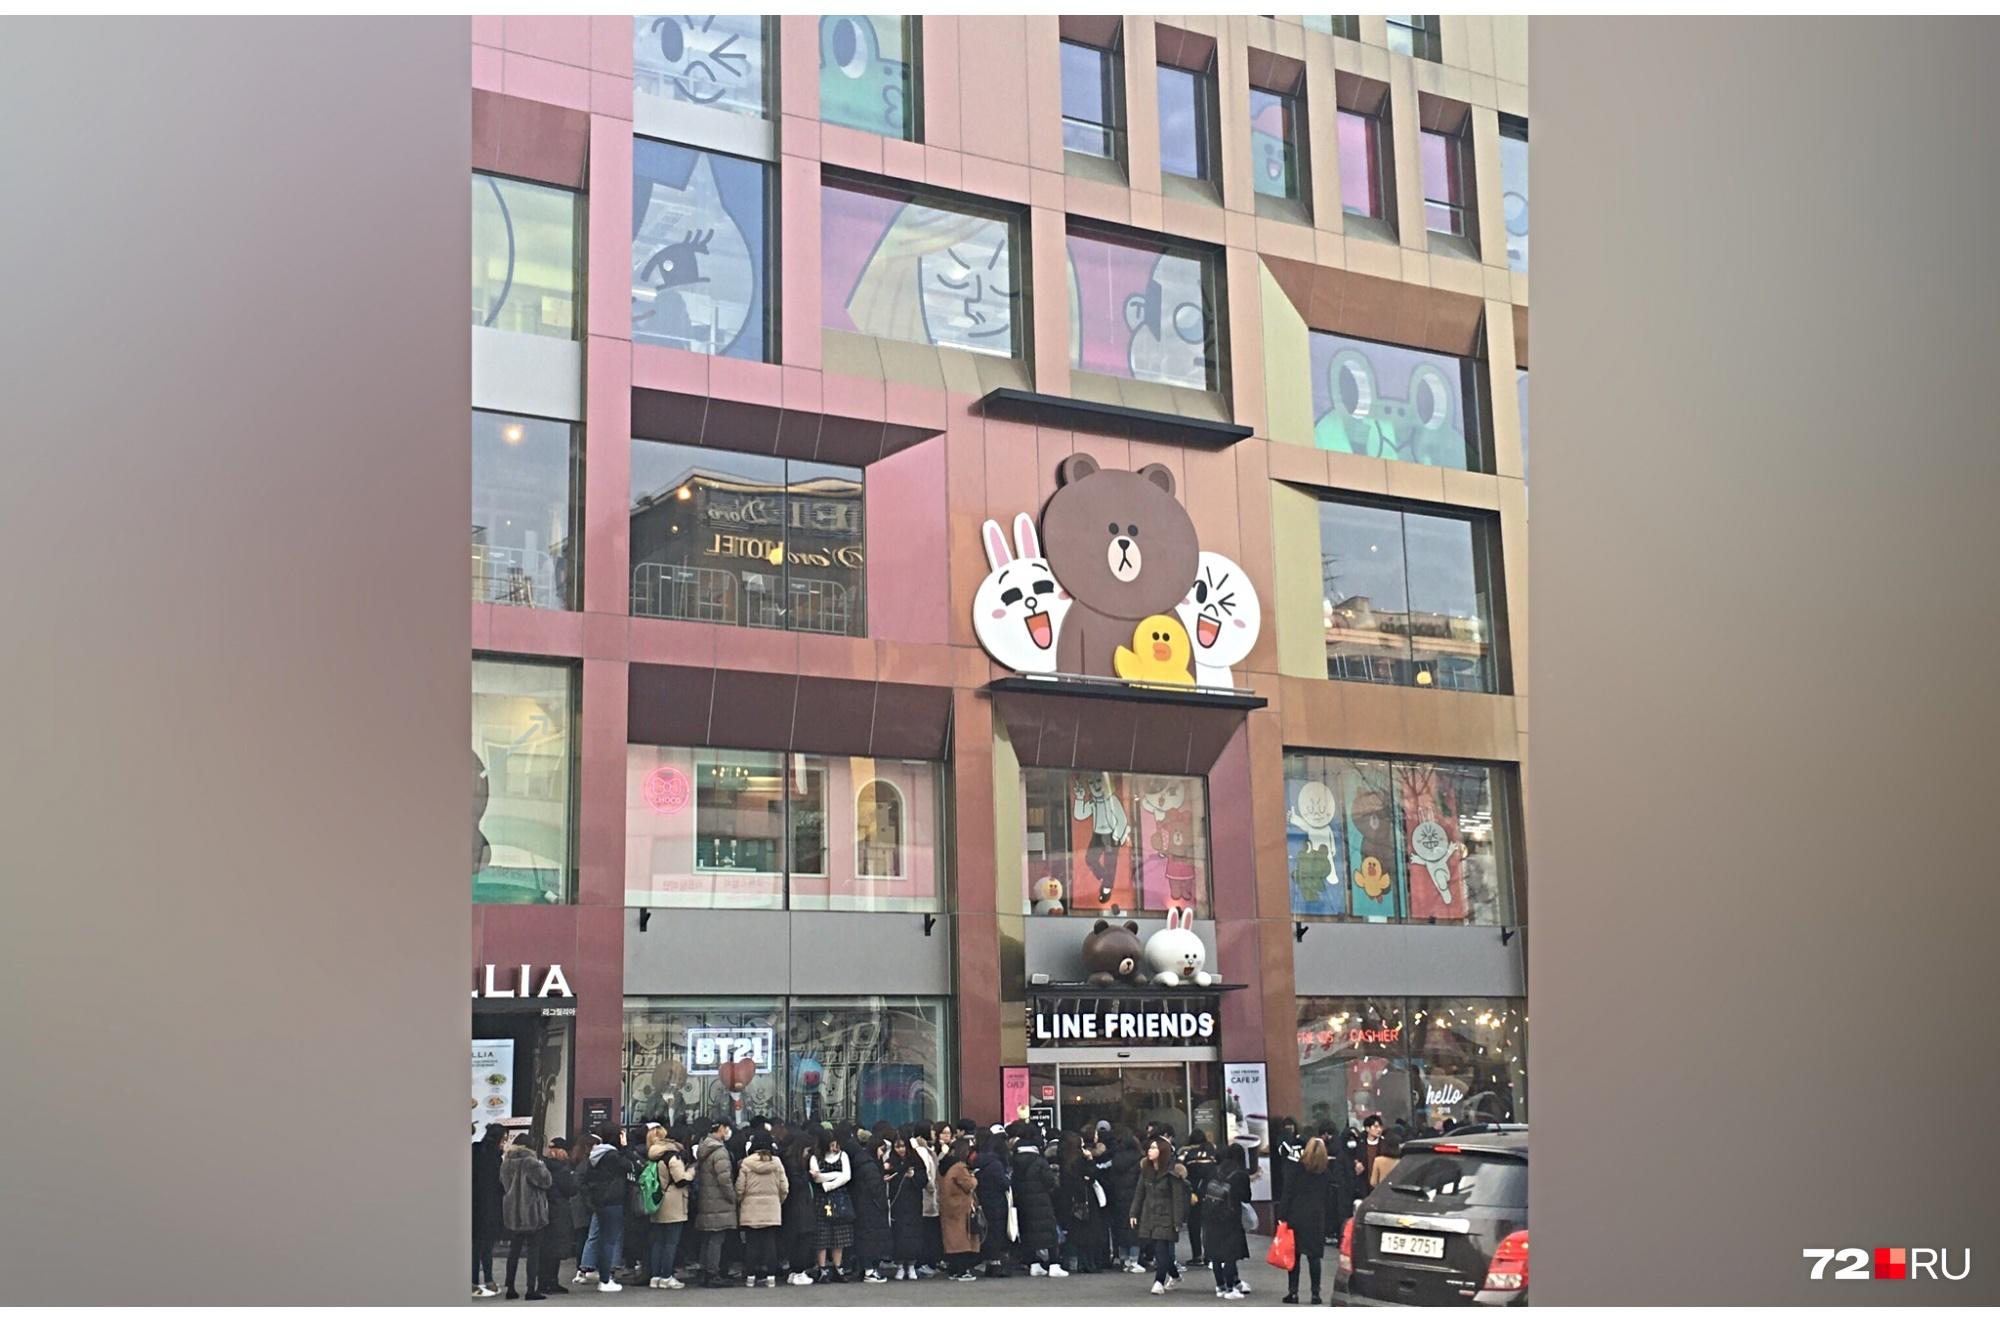 Магазин + кафе с милыми плюшевыми медведями и зайцами